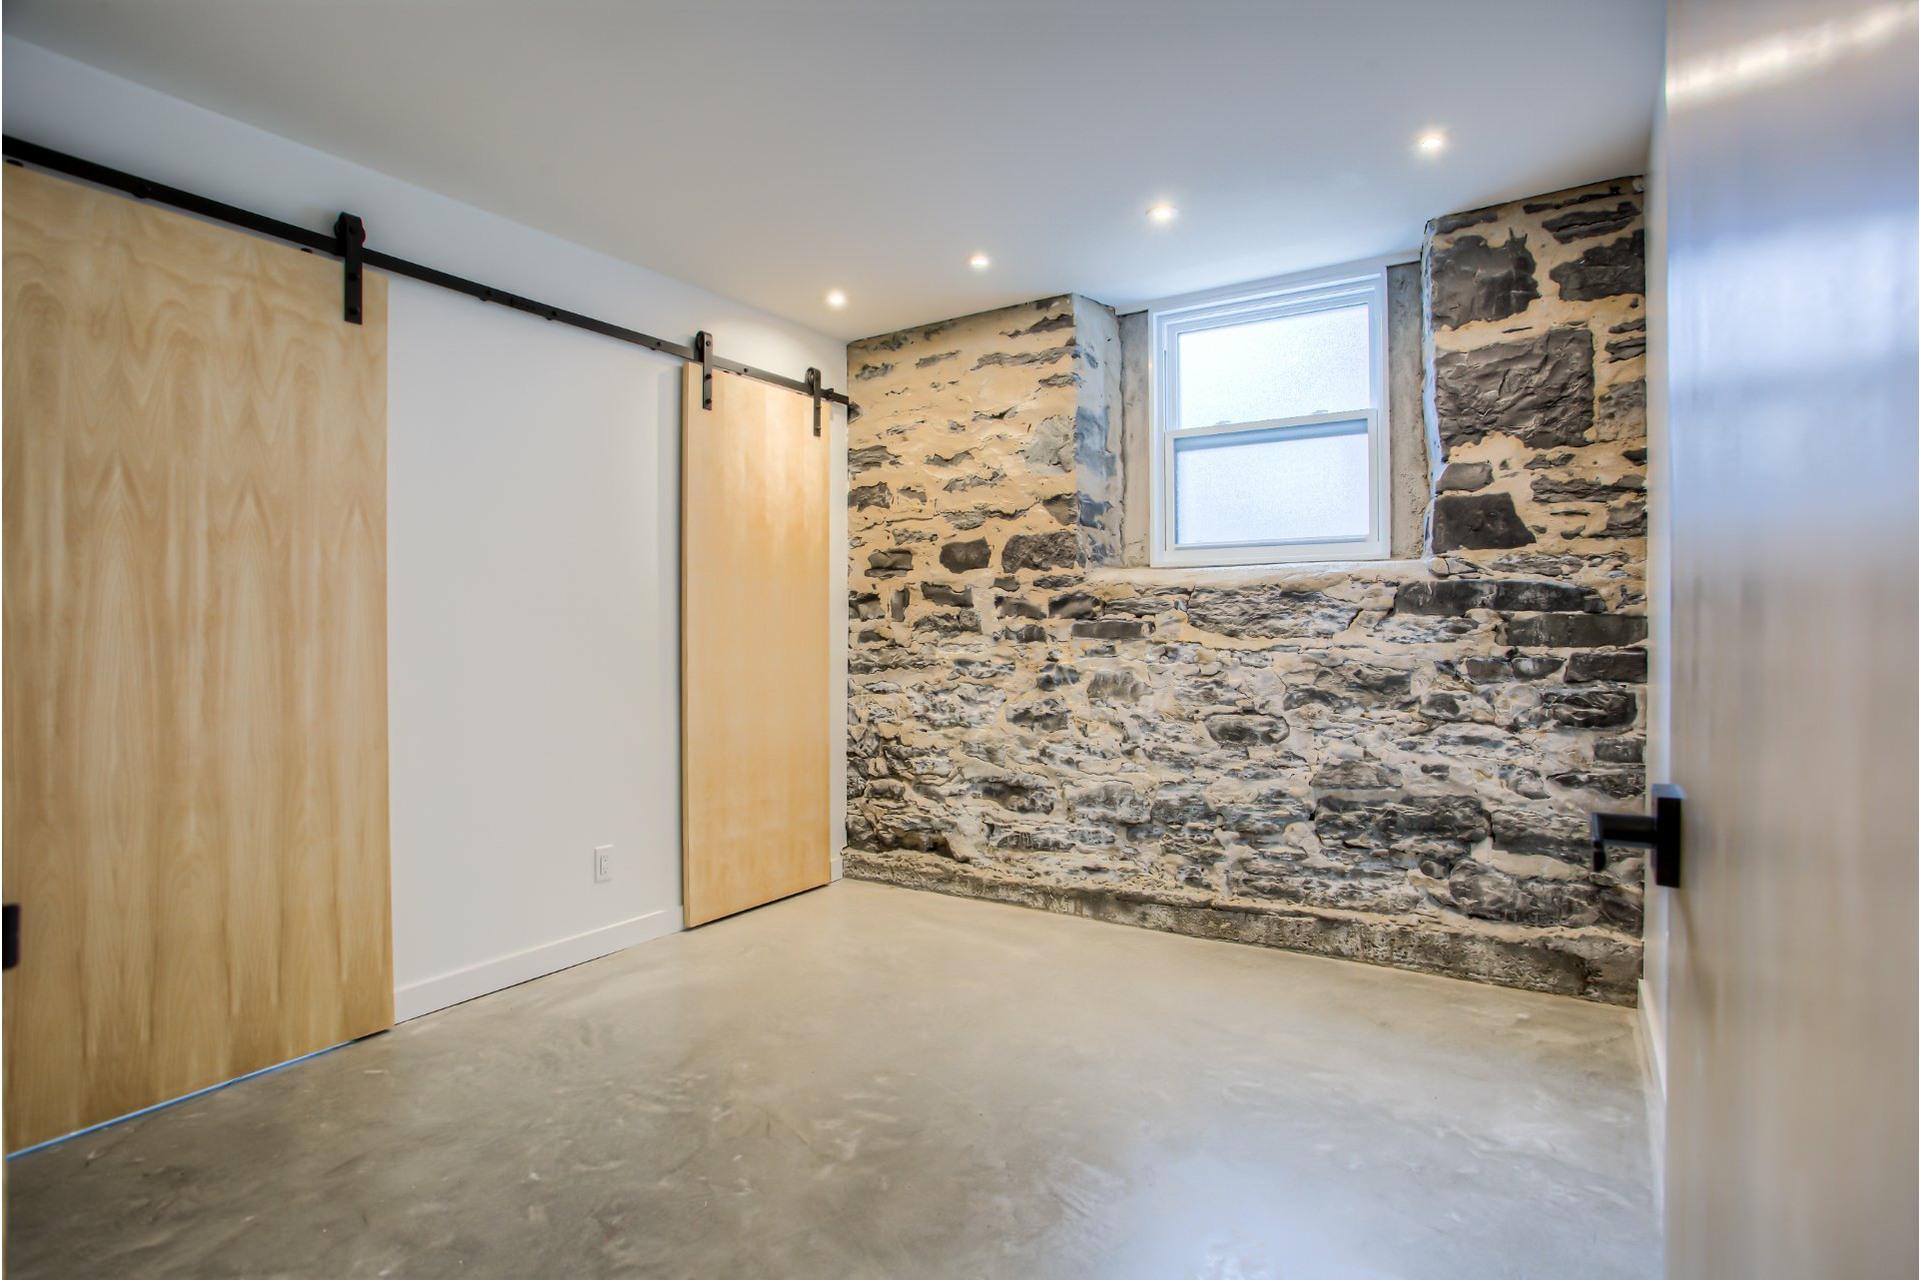 image 18 - Duplex À vendre Mercier/Hochelaga-Maisonneuve Montréal  - 4 pièces